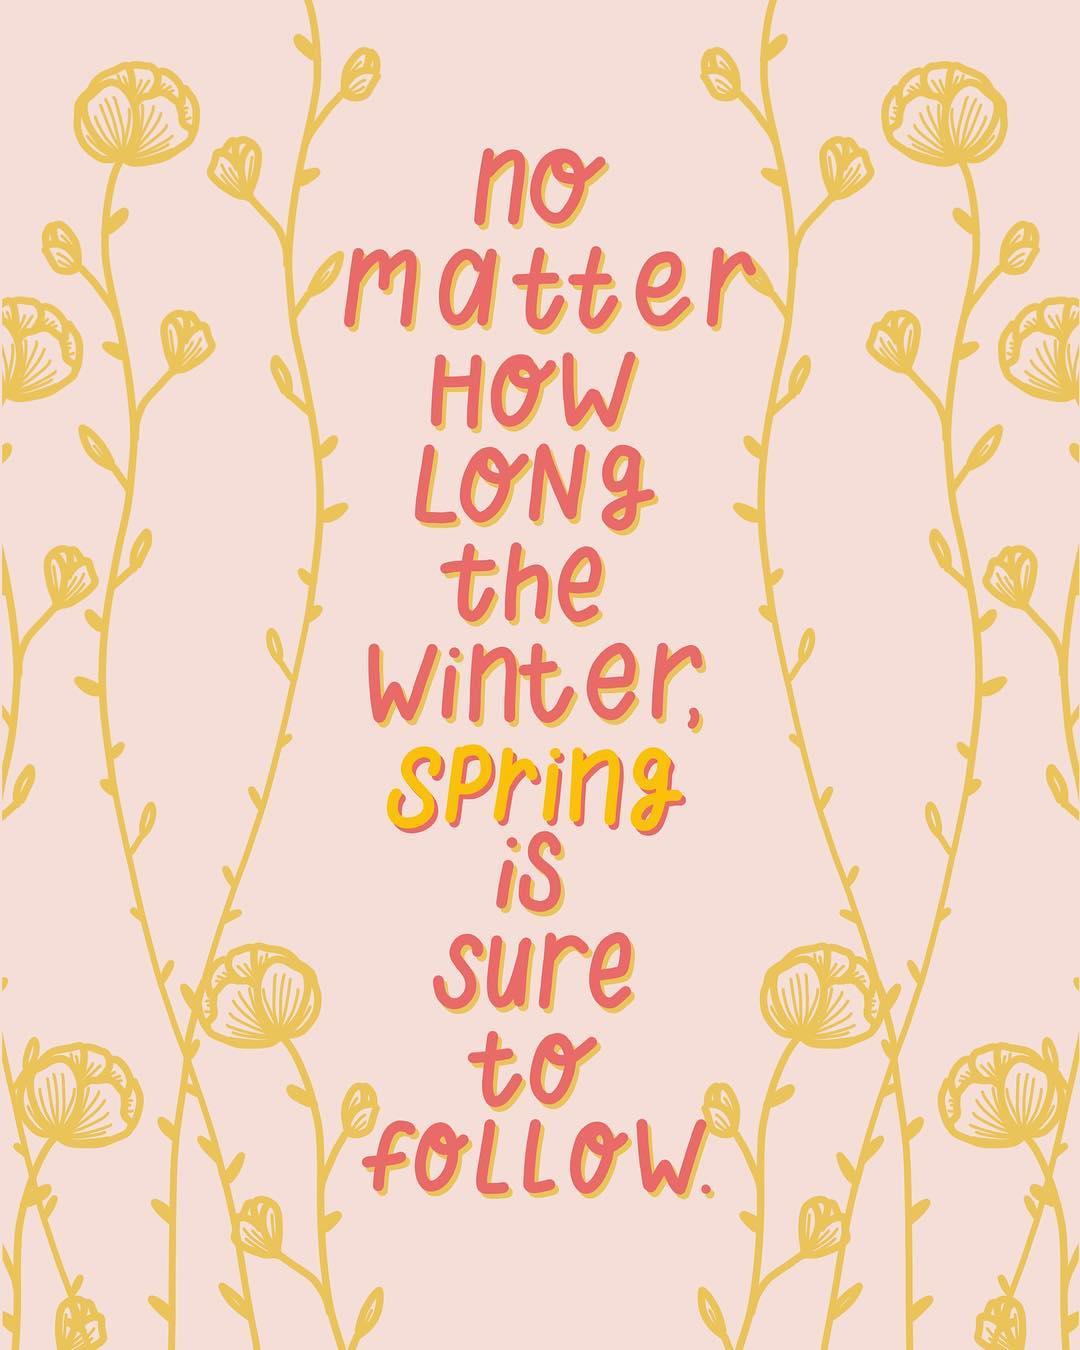 No matter how long the winter, spring is sure to follow. (Não importa a duração do inverno, a primavera com certeza virá a seguir)